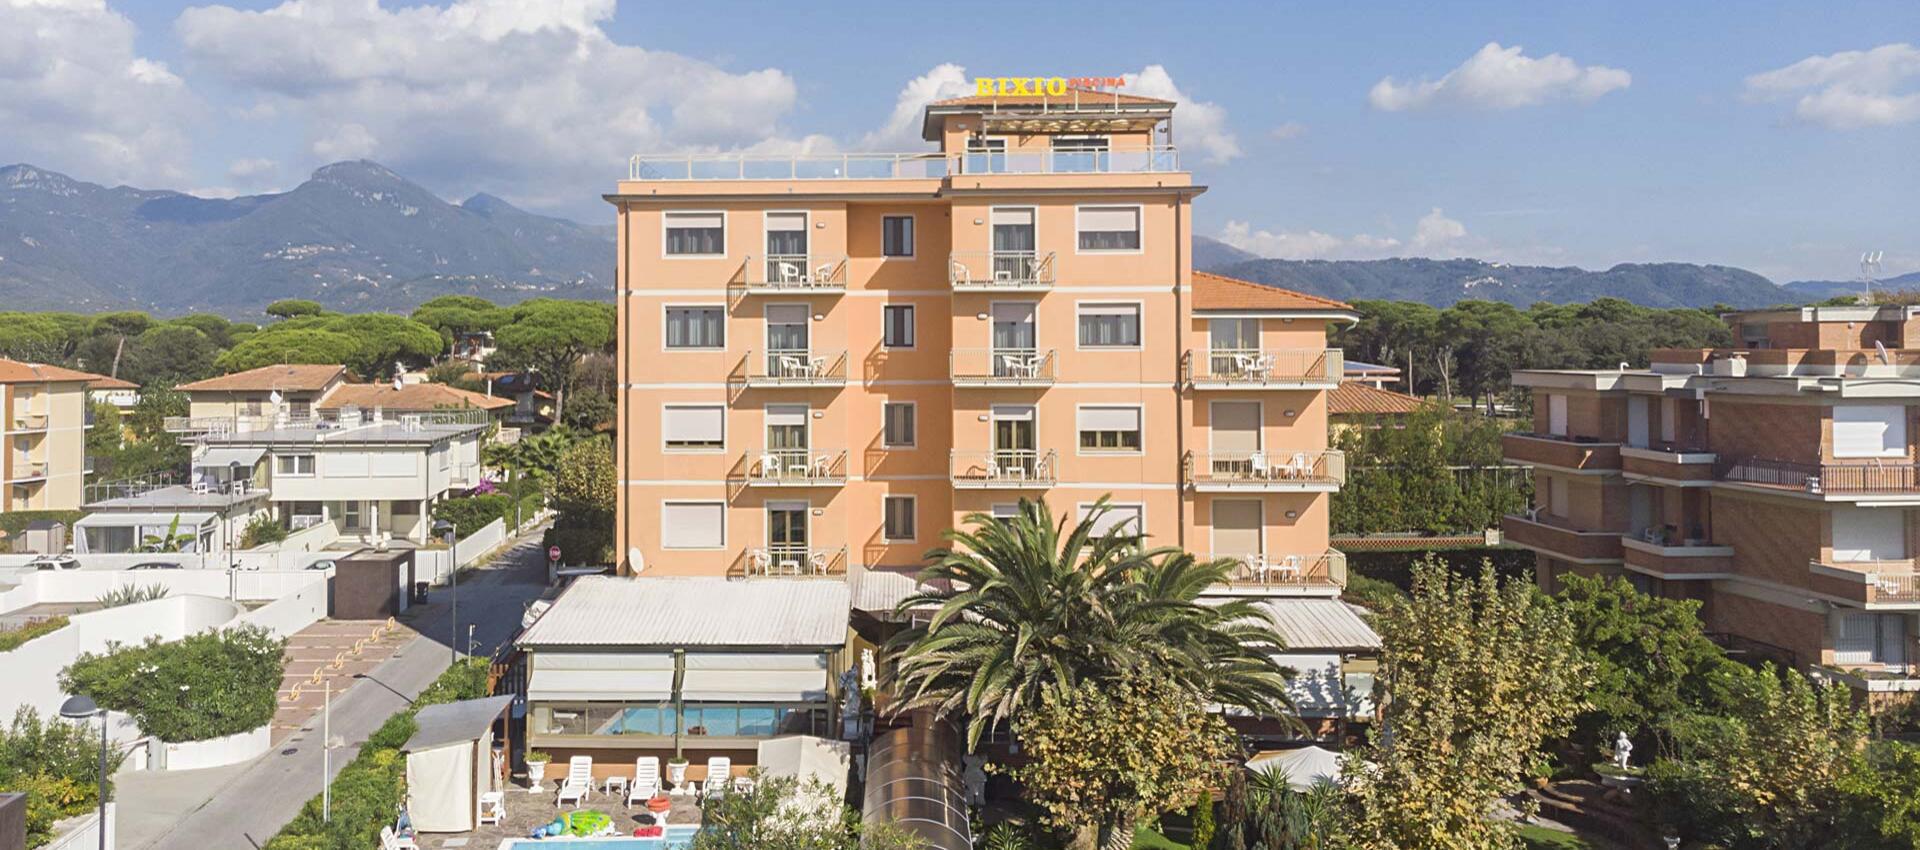 hotelbixio de de 009